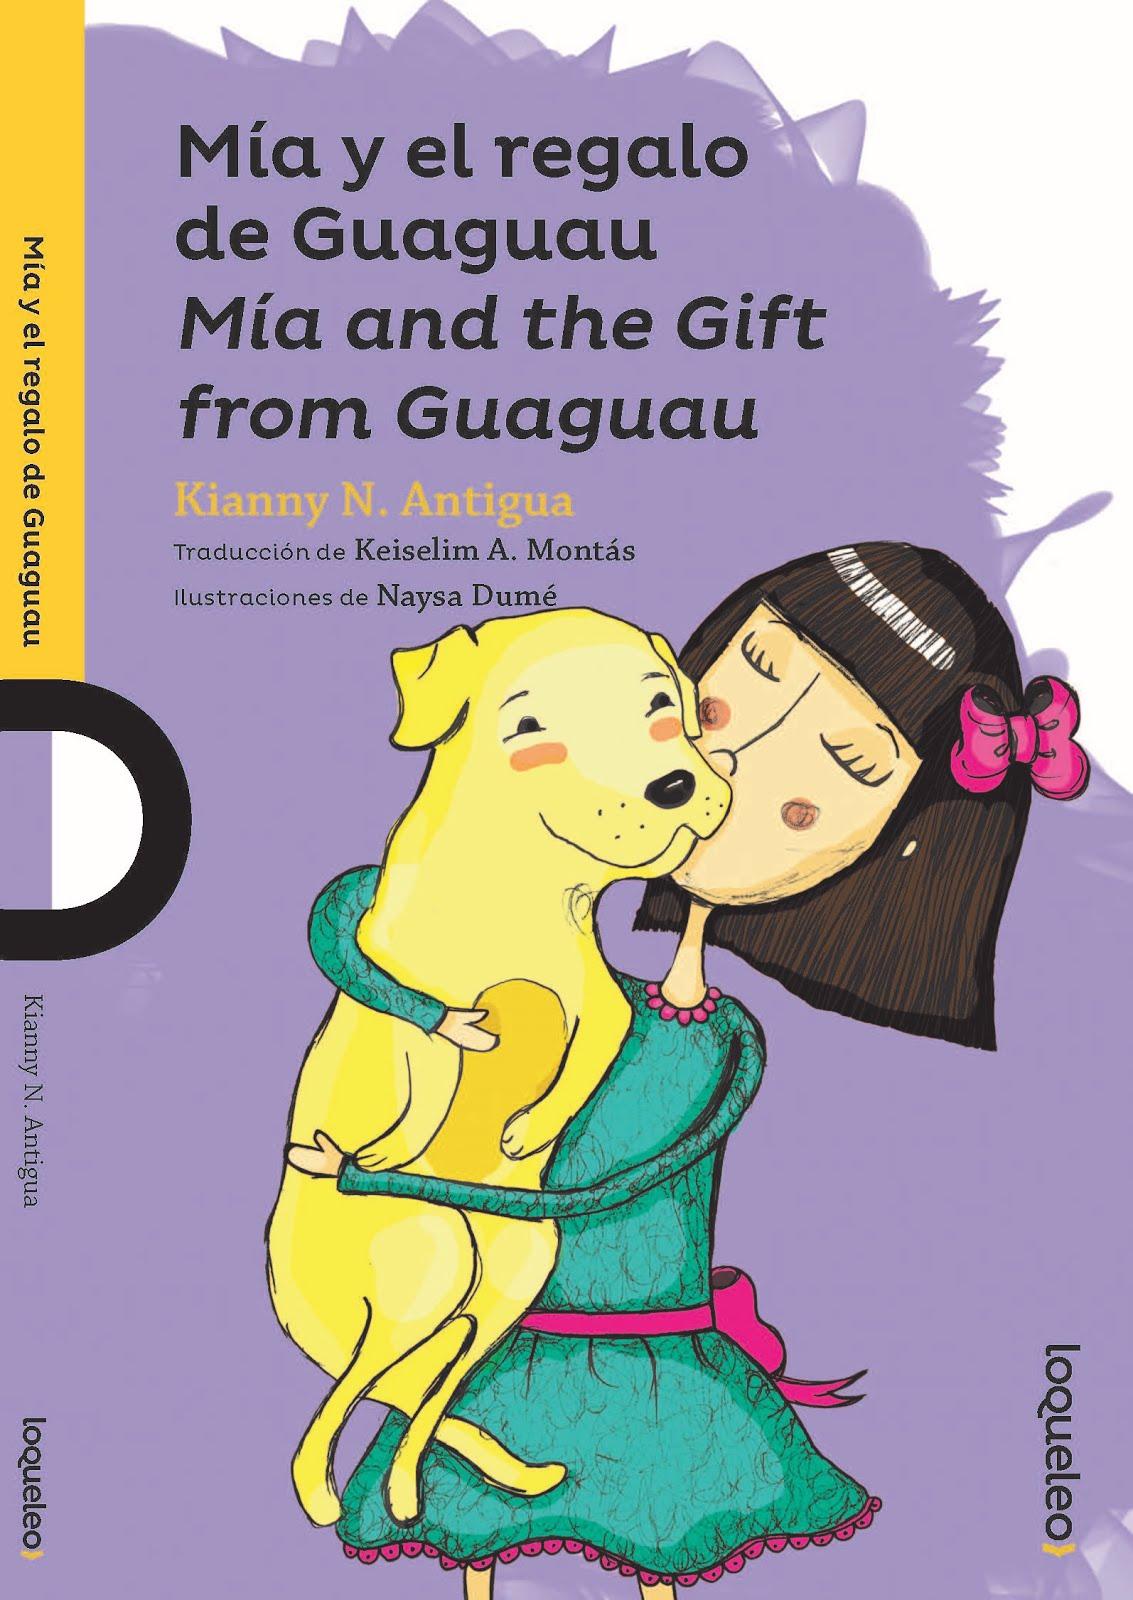 ¡Llegó nuestra Mía y el regalo de Guaguau (loquelo 2017)!